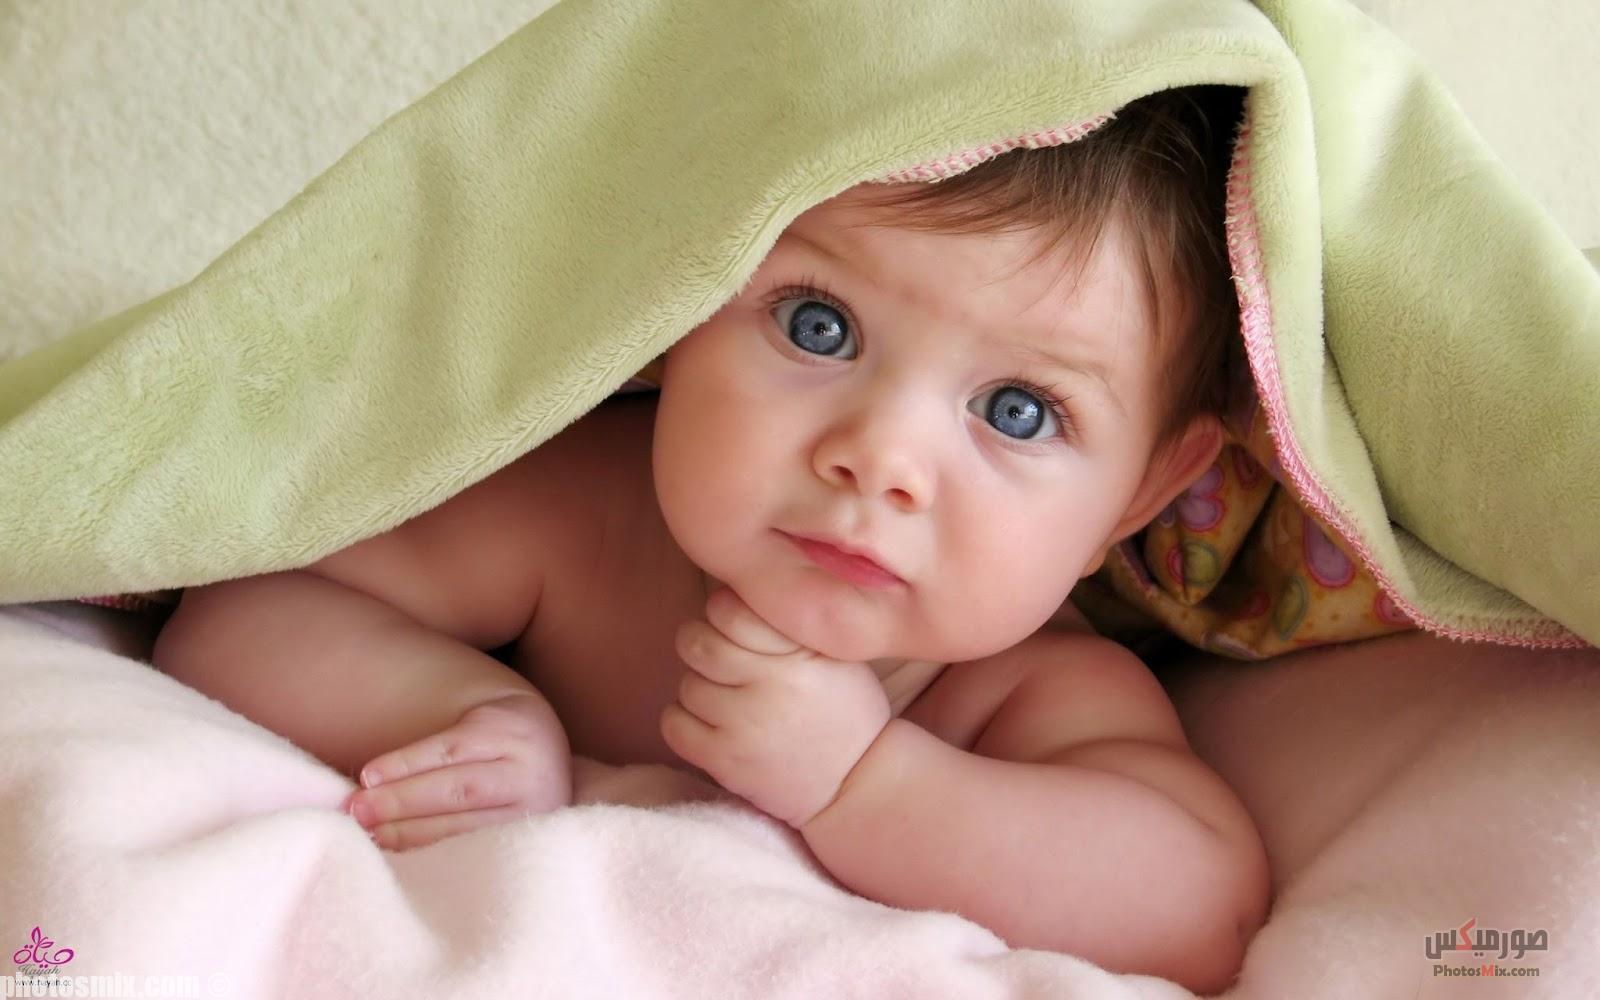 اطفال تحميل اكثر من 100 صور اطفال جميلة صور اطفال روعة 2019 18